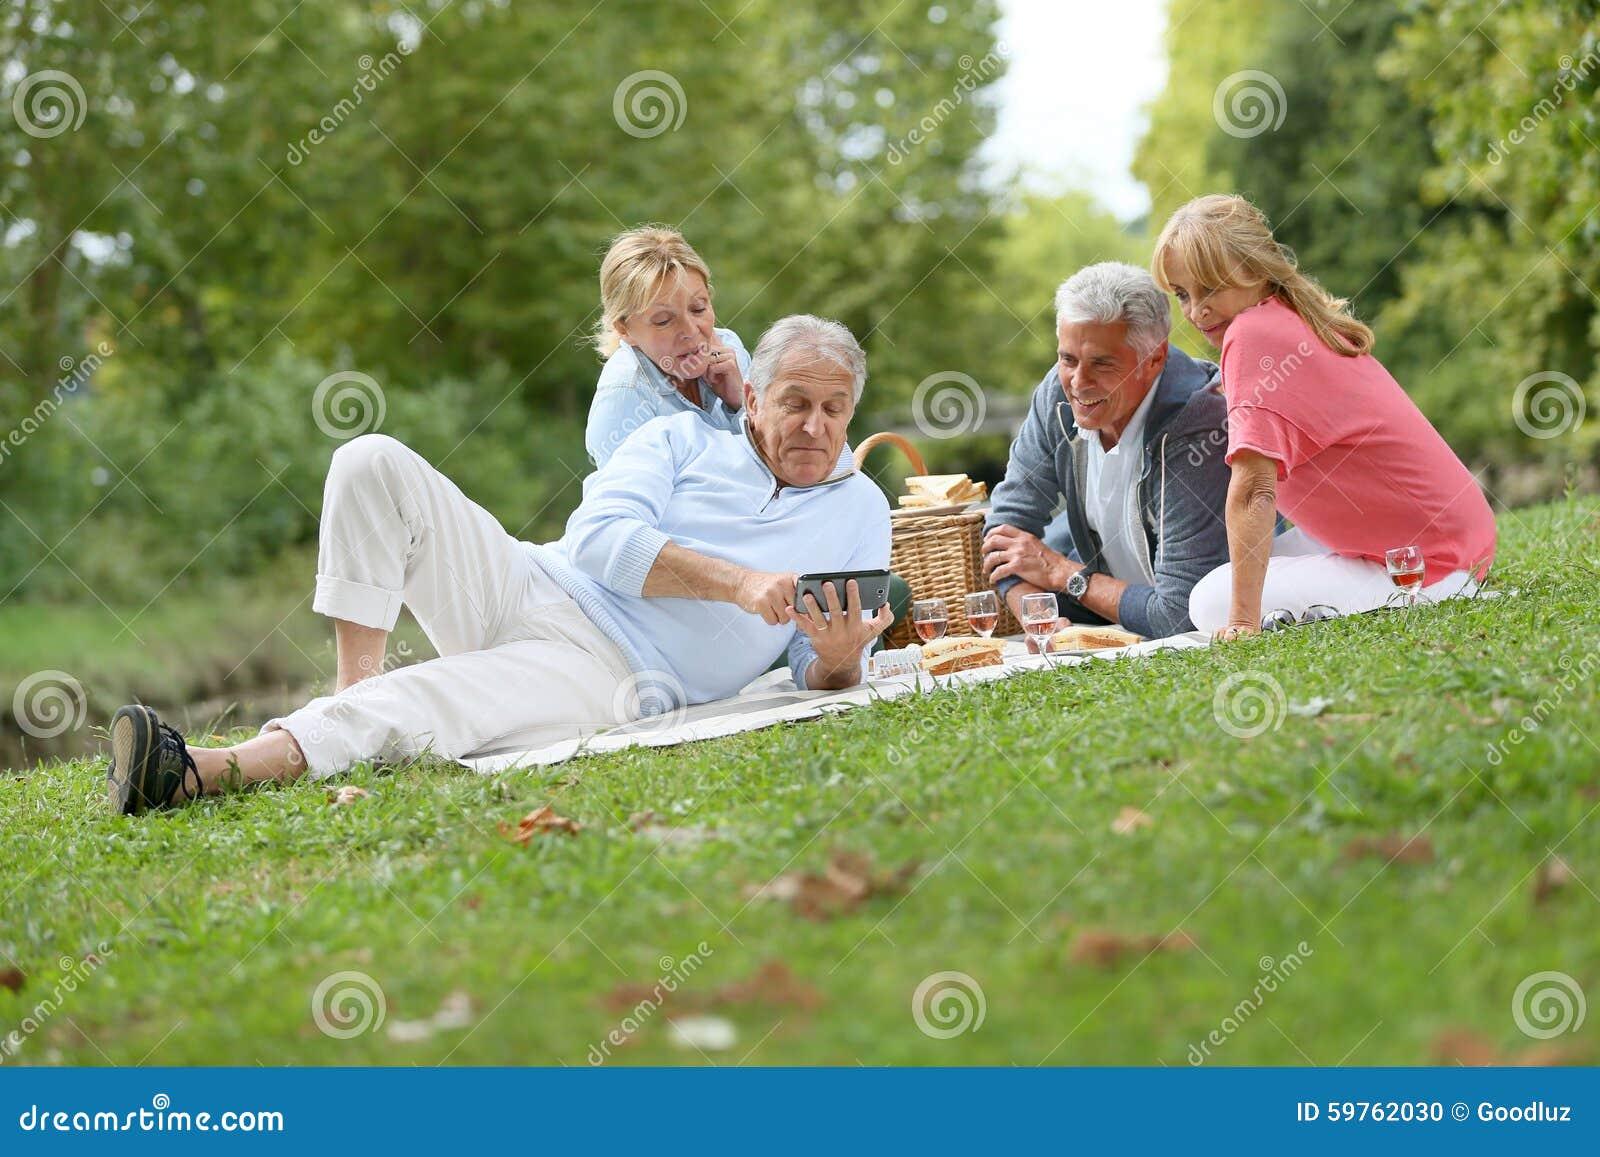 Grupo de mayores que tienen comida campestre al aire libre